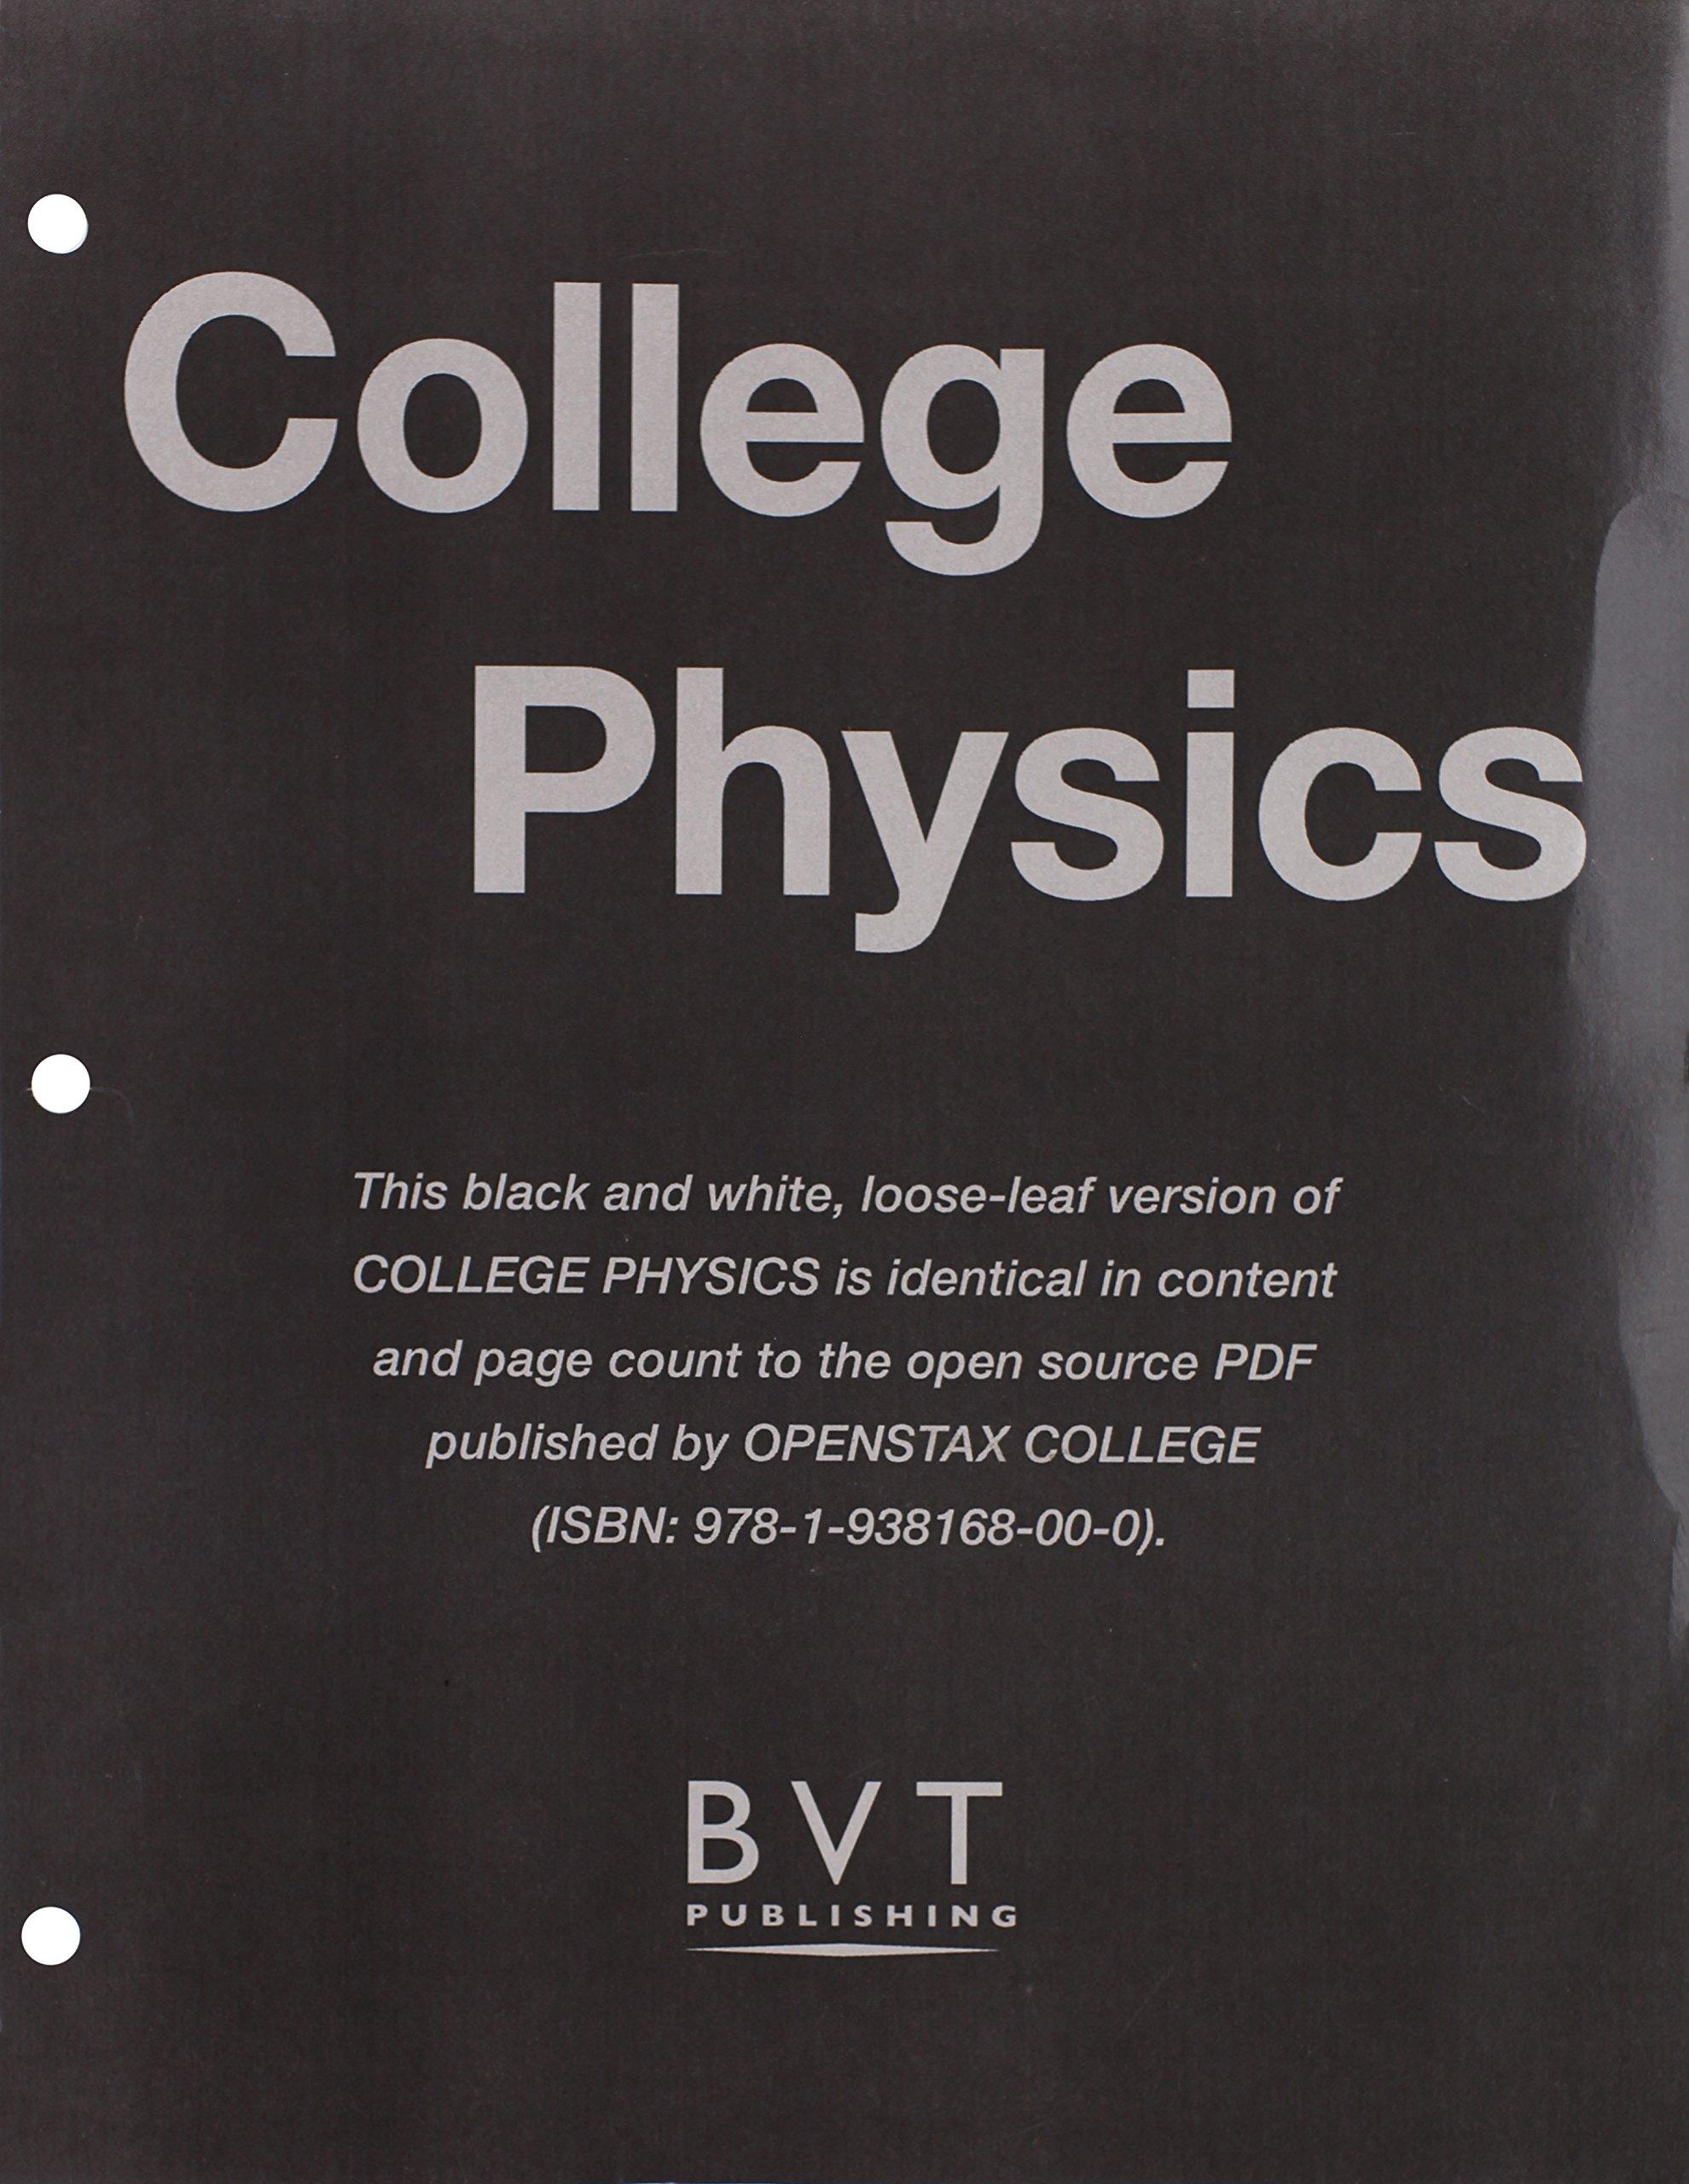 College Physics: OpenStax: 9781627515566: Amazon.com: Books